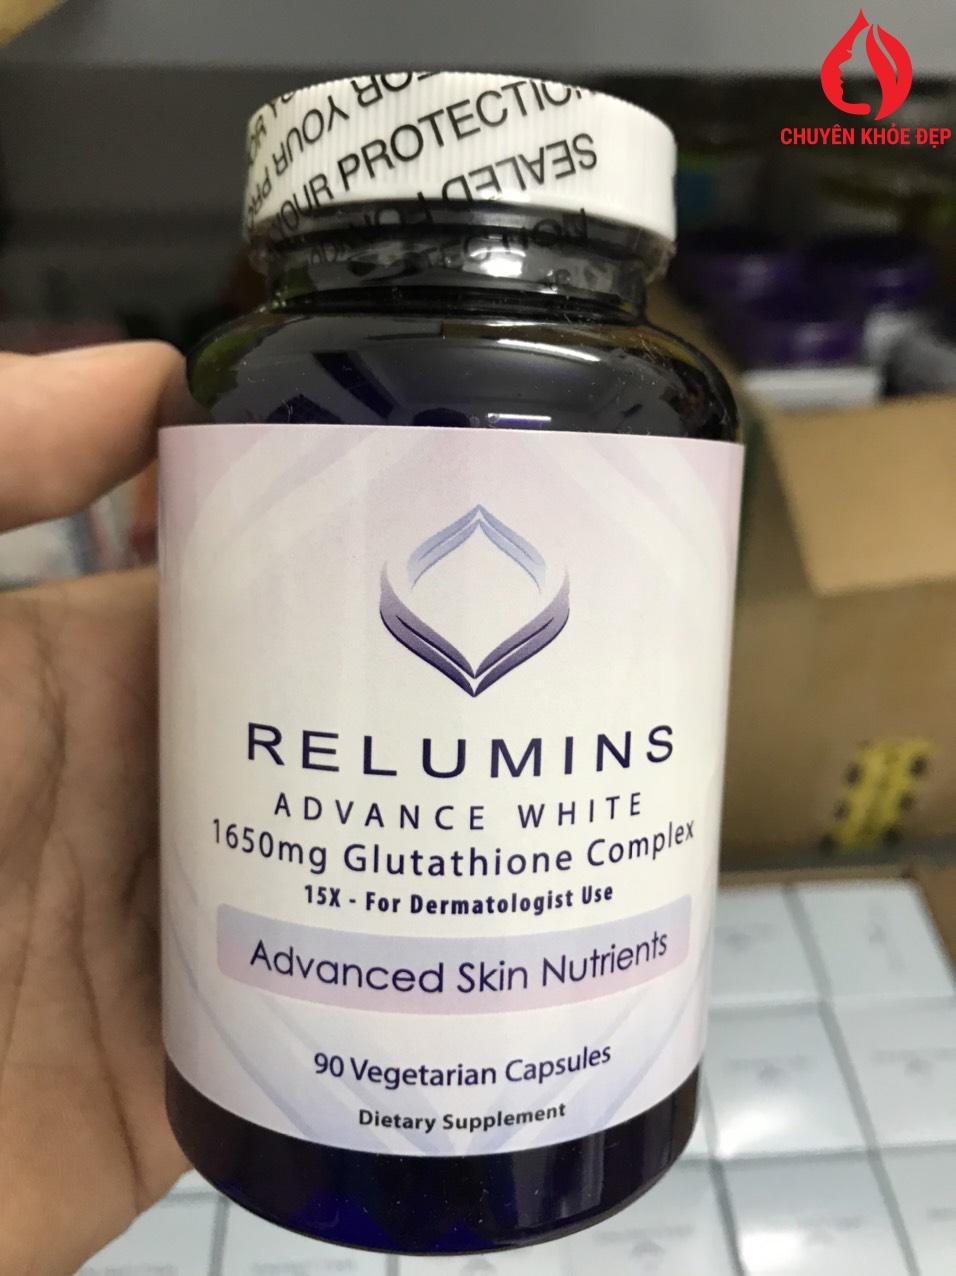 Relumins Advance Whit